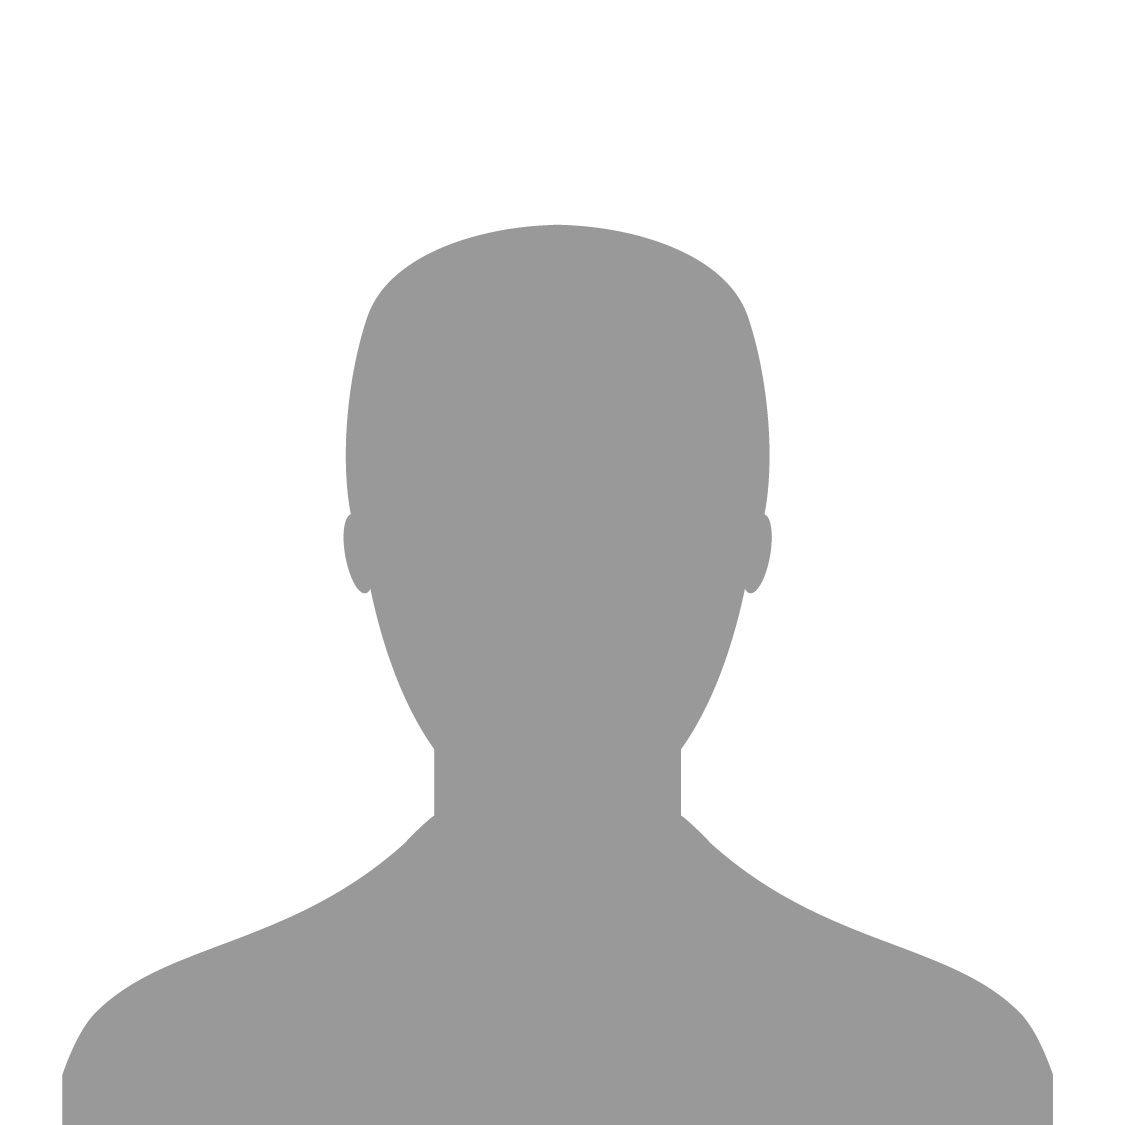 HeadshotPlaceholder-01-01